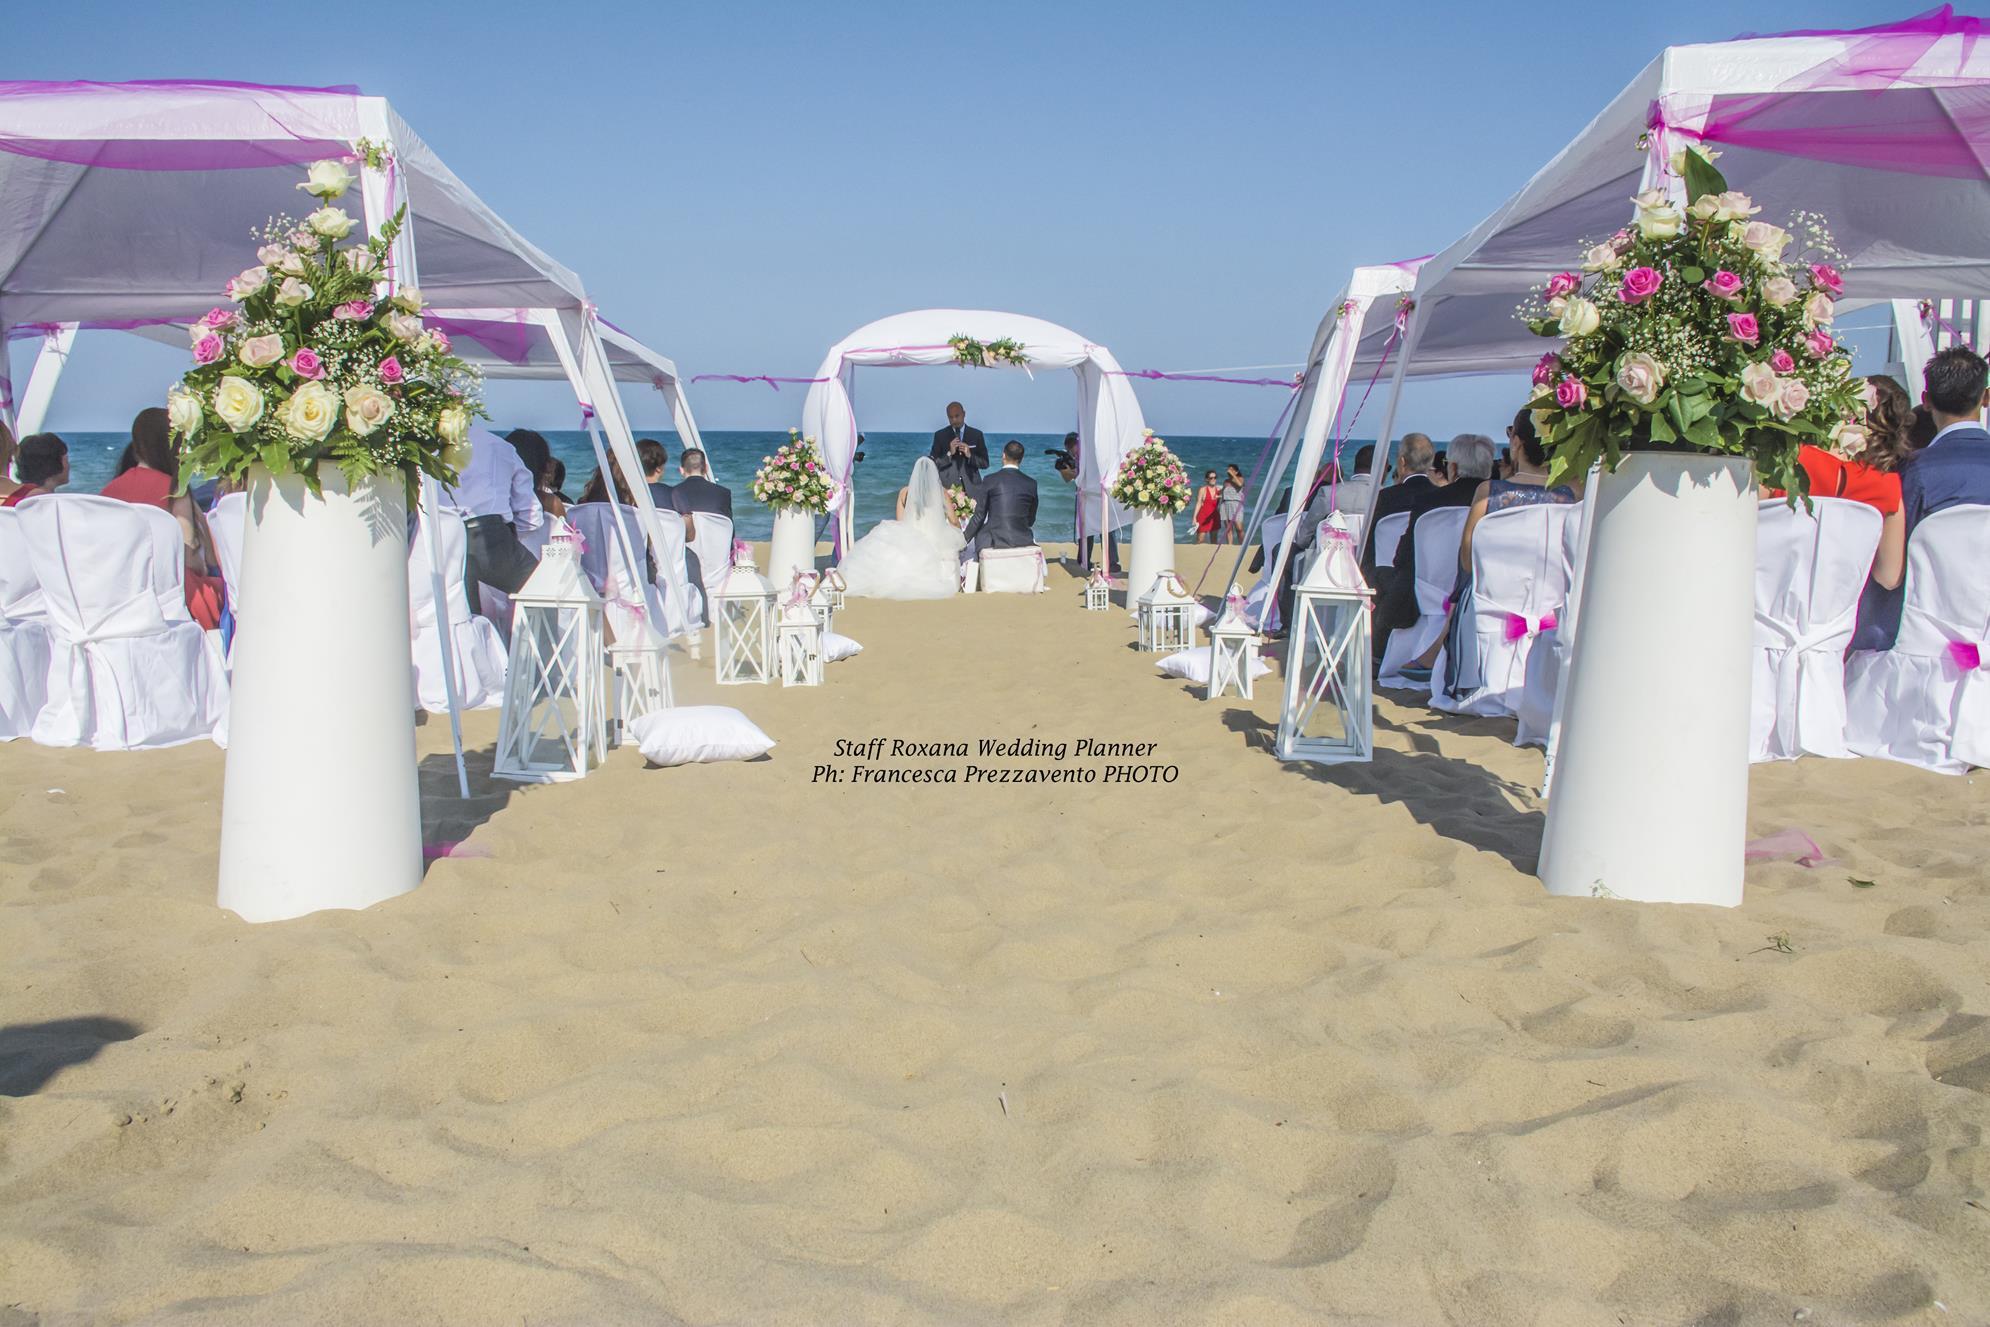 matrimonio-in-spiaggia-catania-rosa